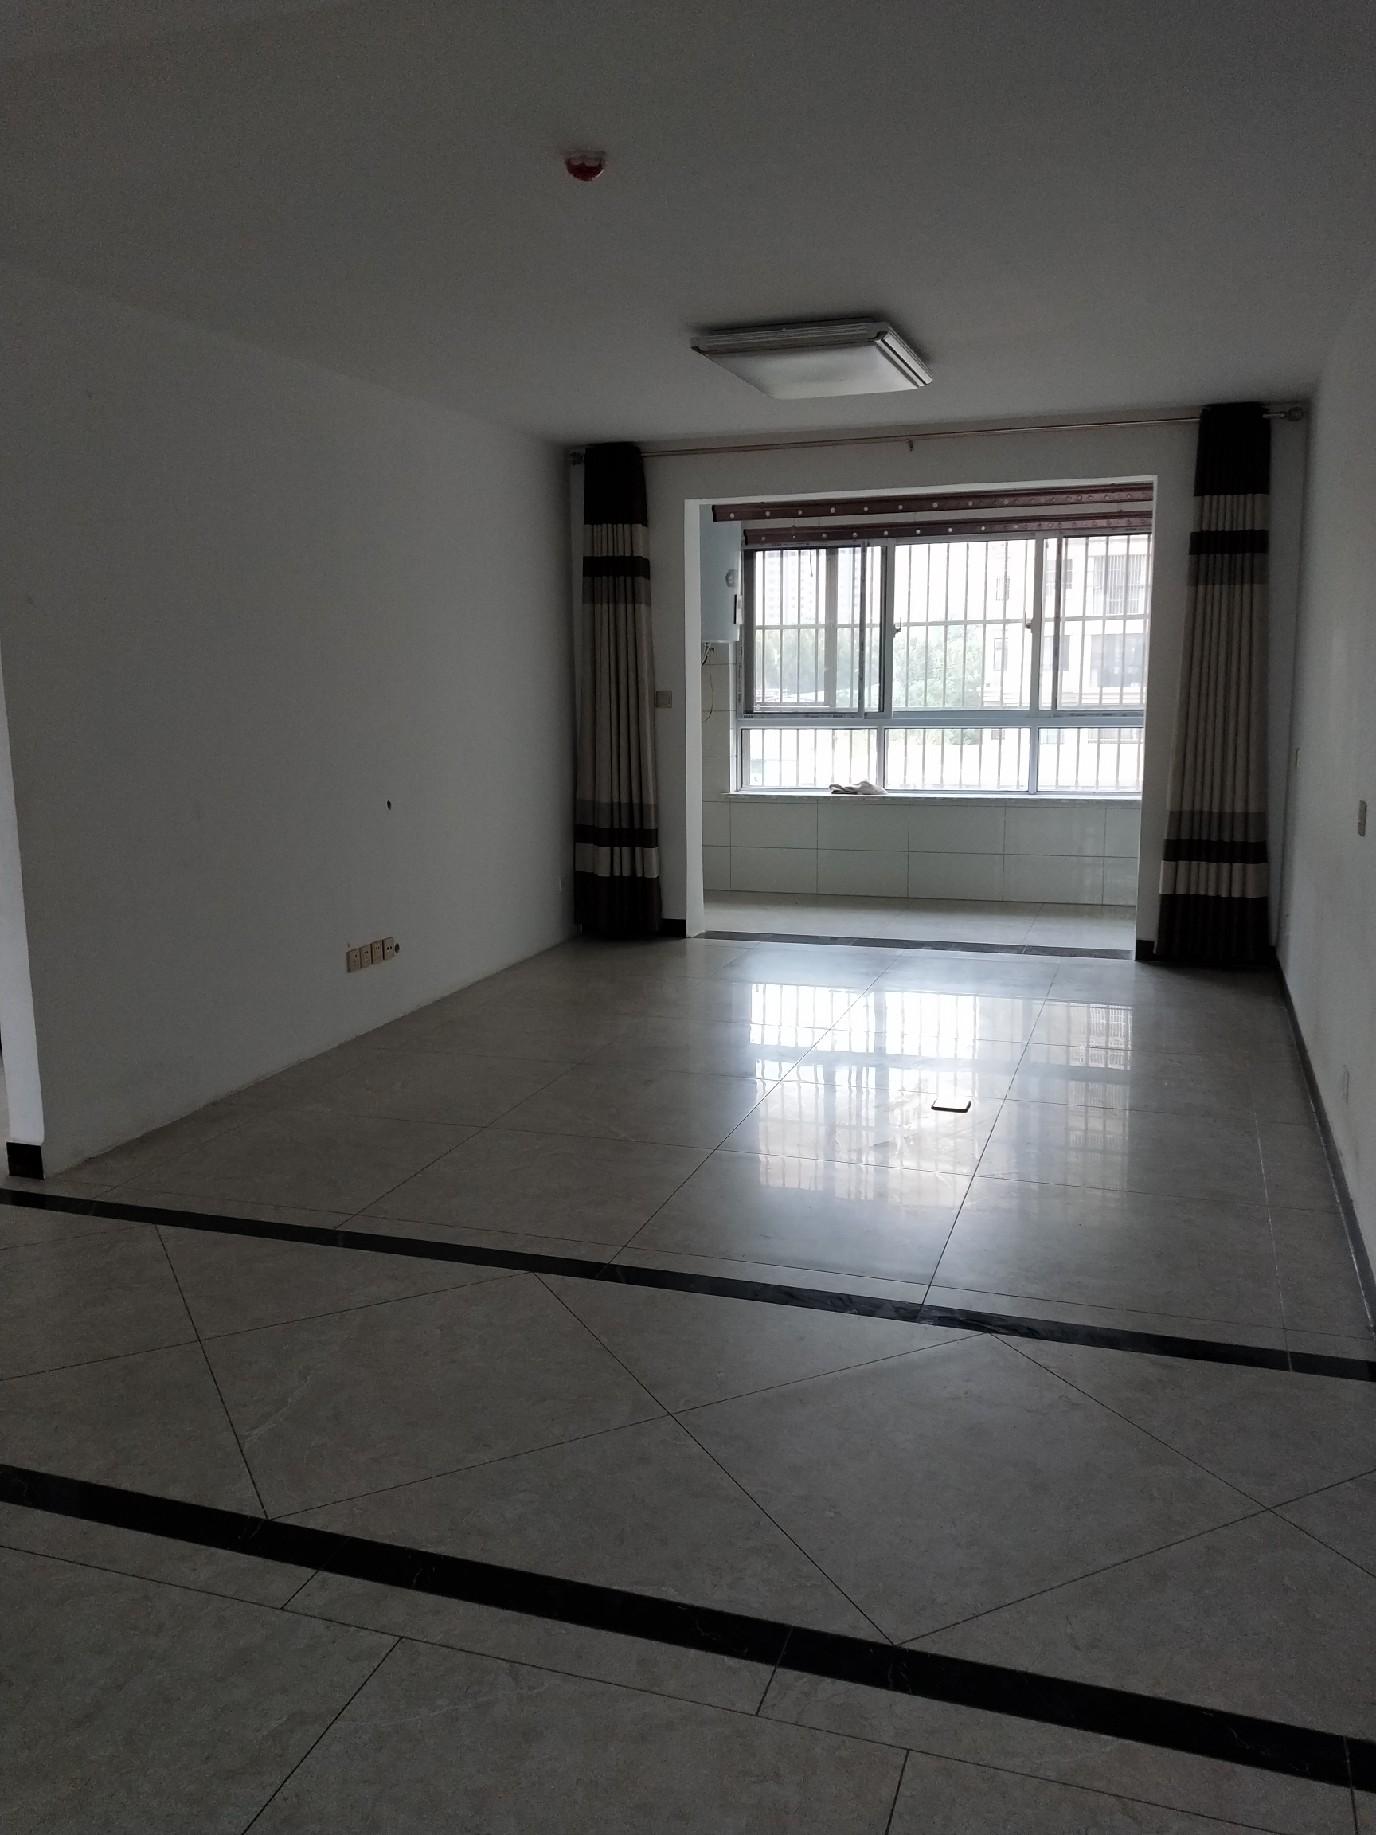 出租东方现代城3楼,122平,简单装修三室两厅,带